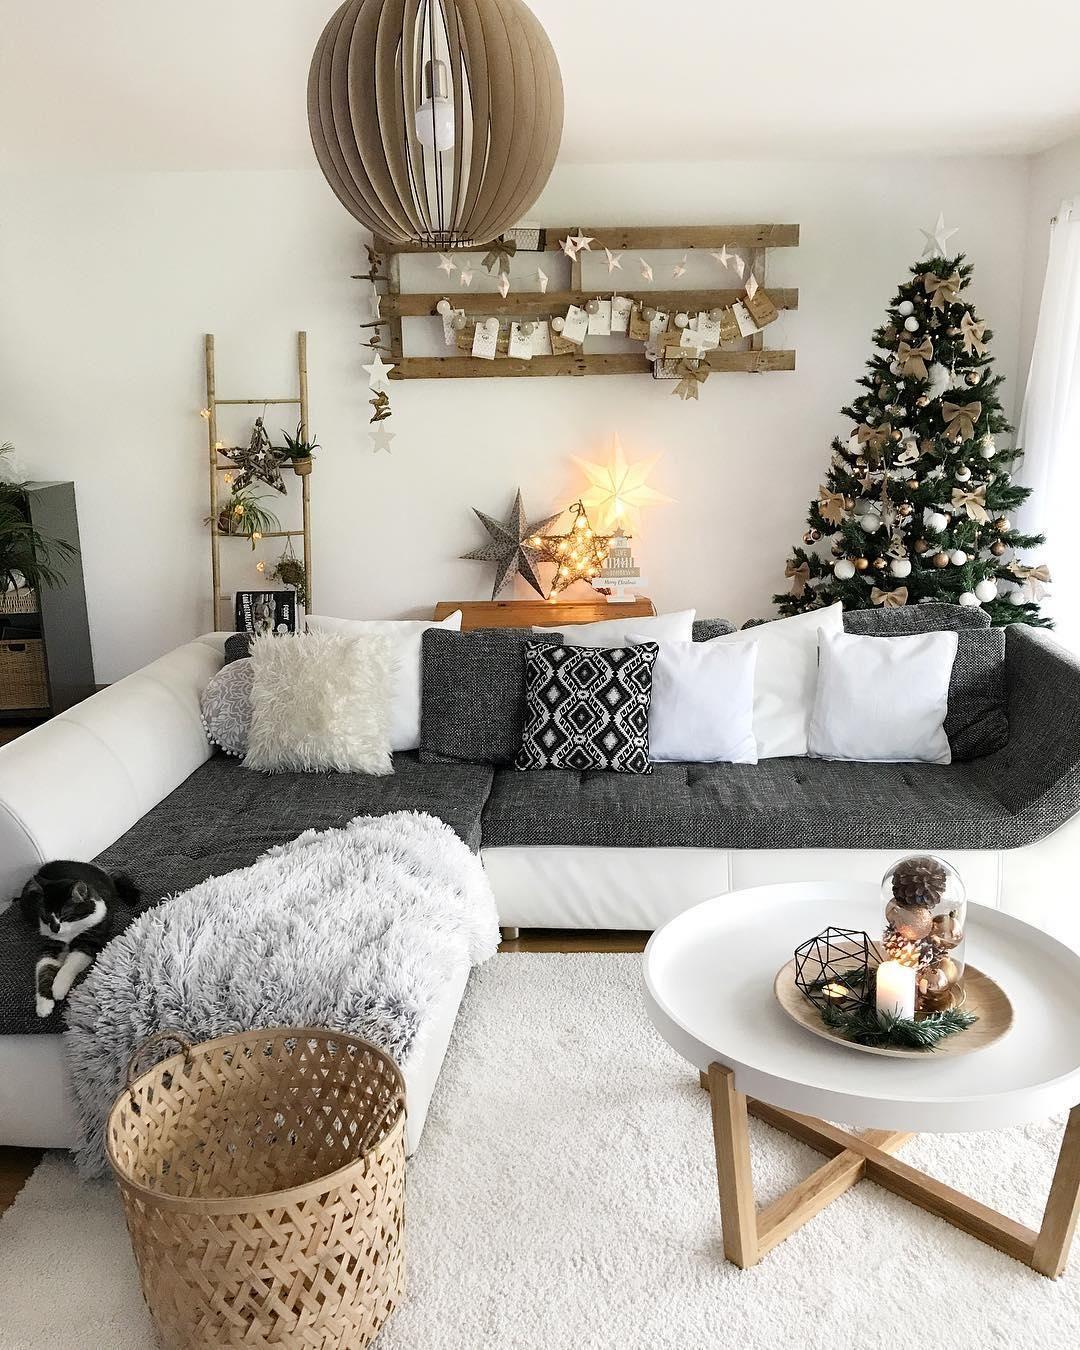 Merry Christmas! In diesem traumhaften Wohnzimmer können die